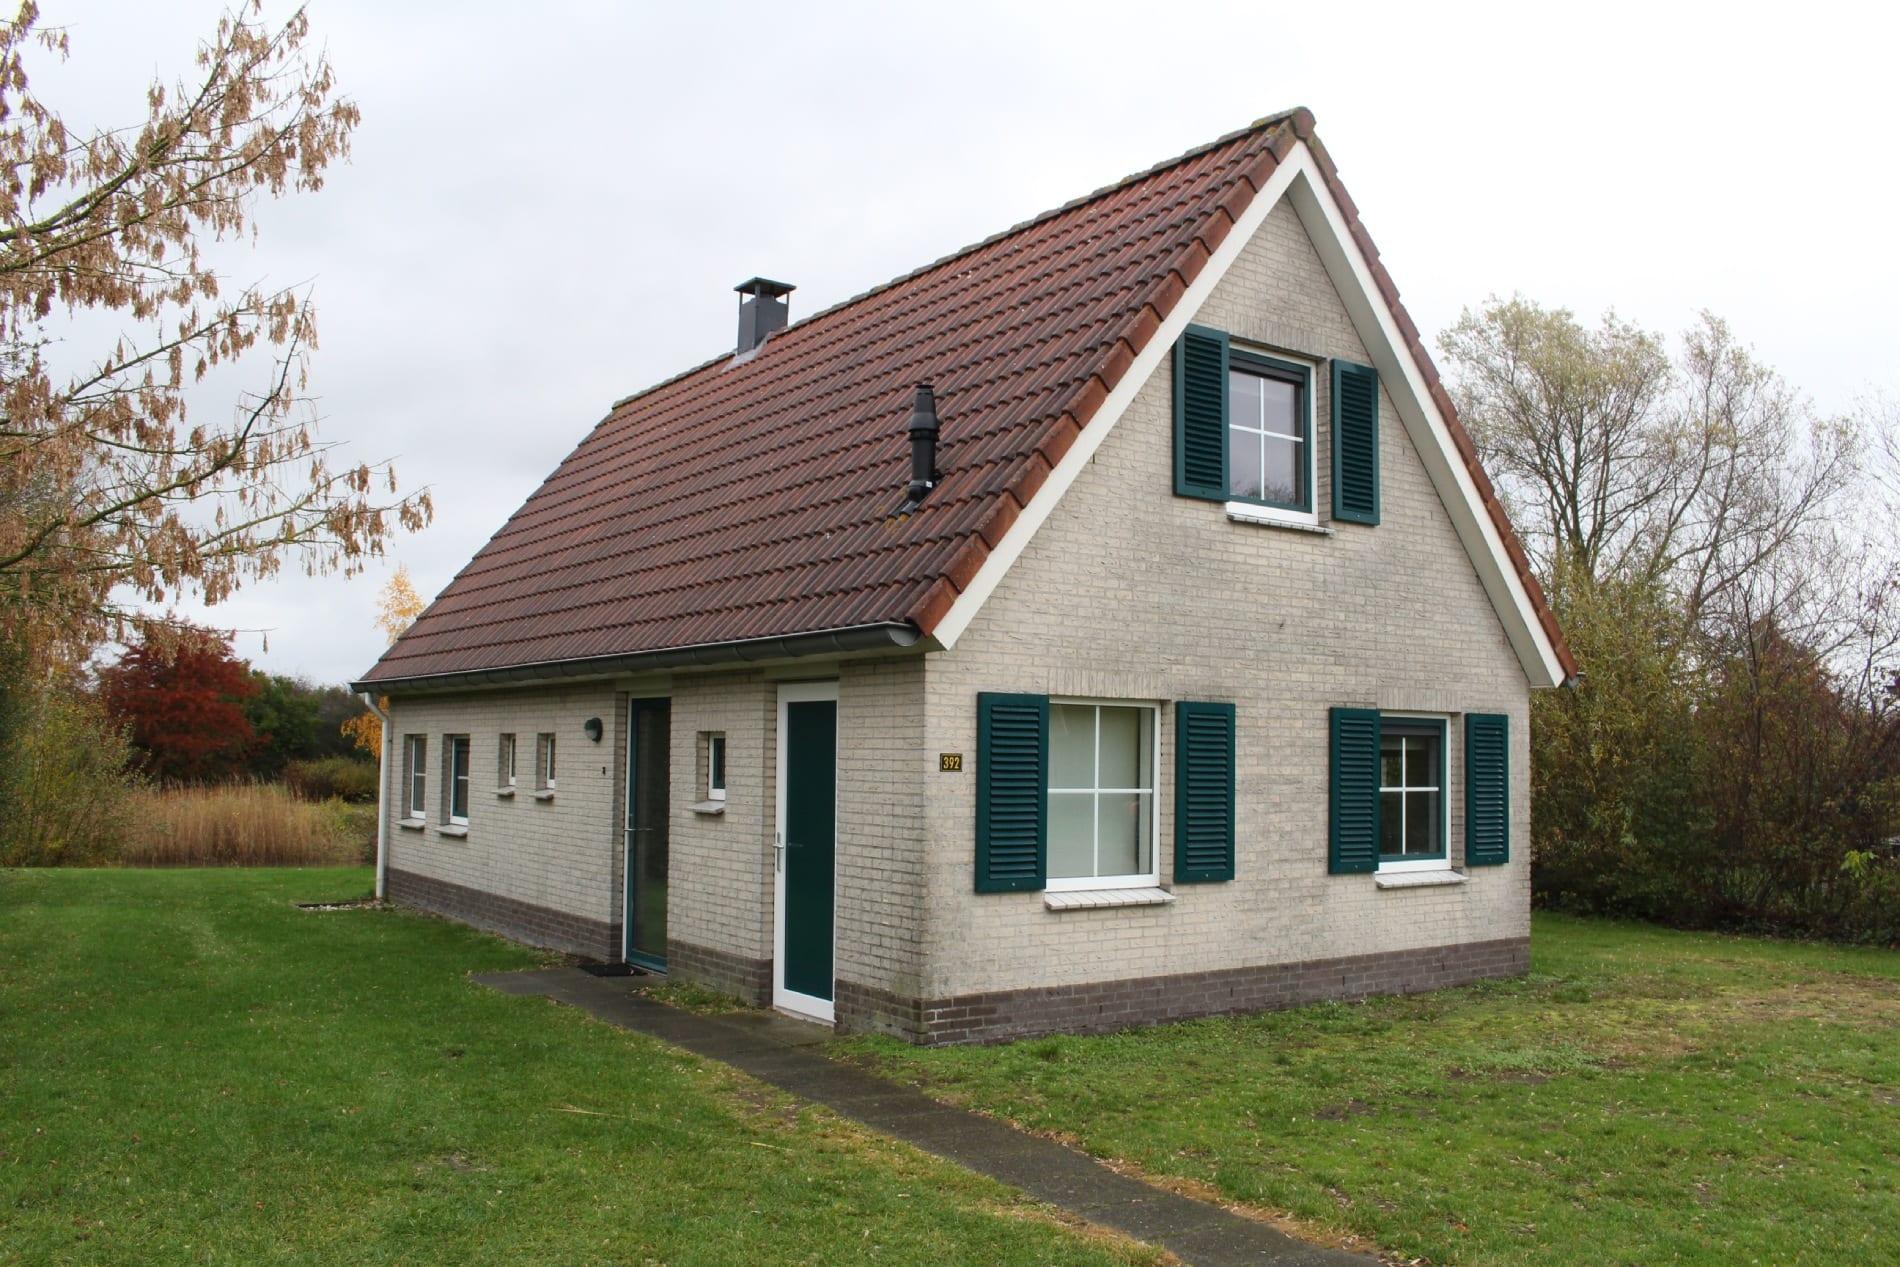 1. Buitenhuis nr. 416 type Siluur 6-persoons